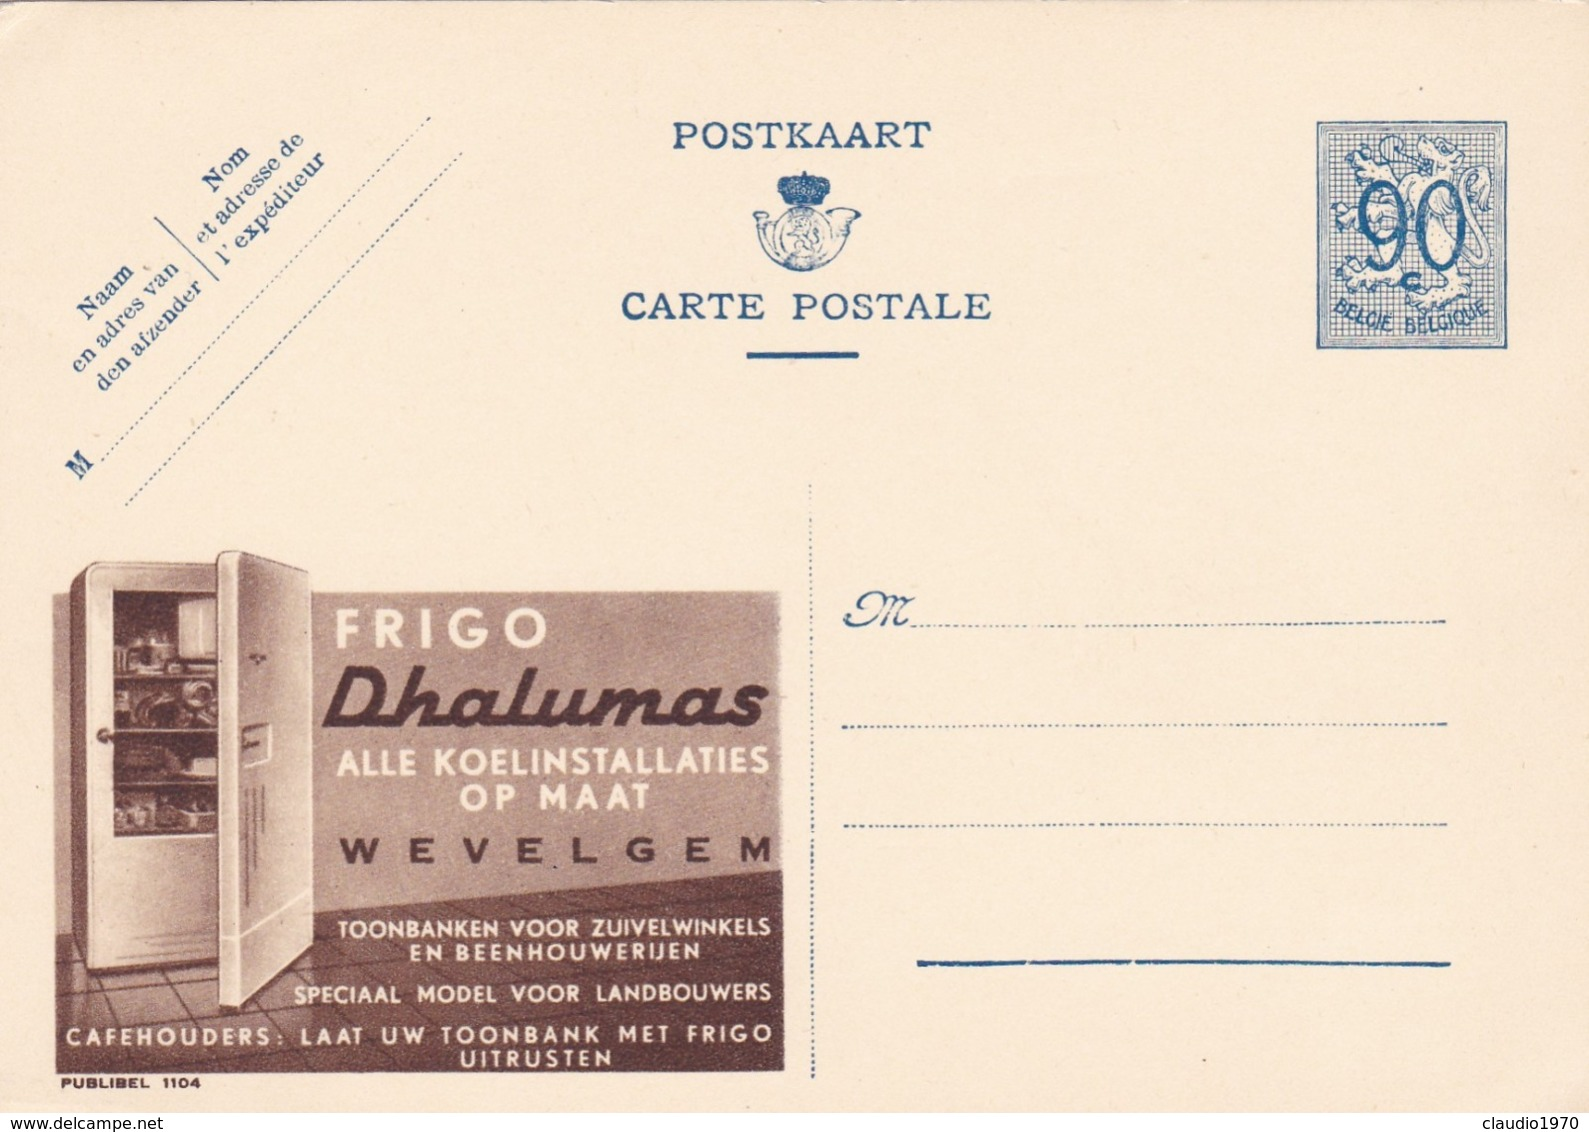 BELGIO - STORIA POSTALE NON VIAGGIATA - BELGIO - INTERO POSTALE 90 C. - FRIGO DHALUMAS - Illustrat. Cards